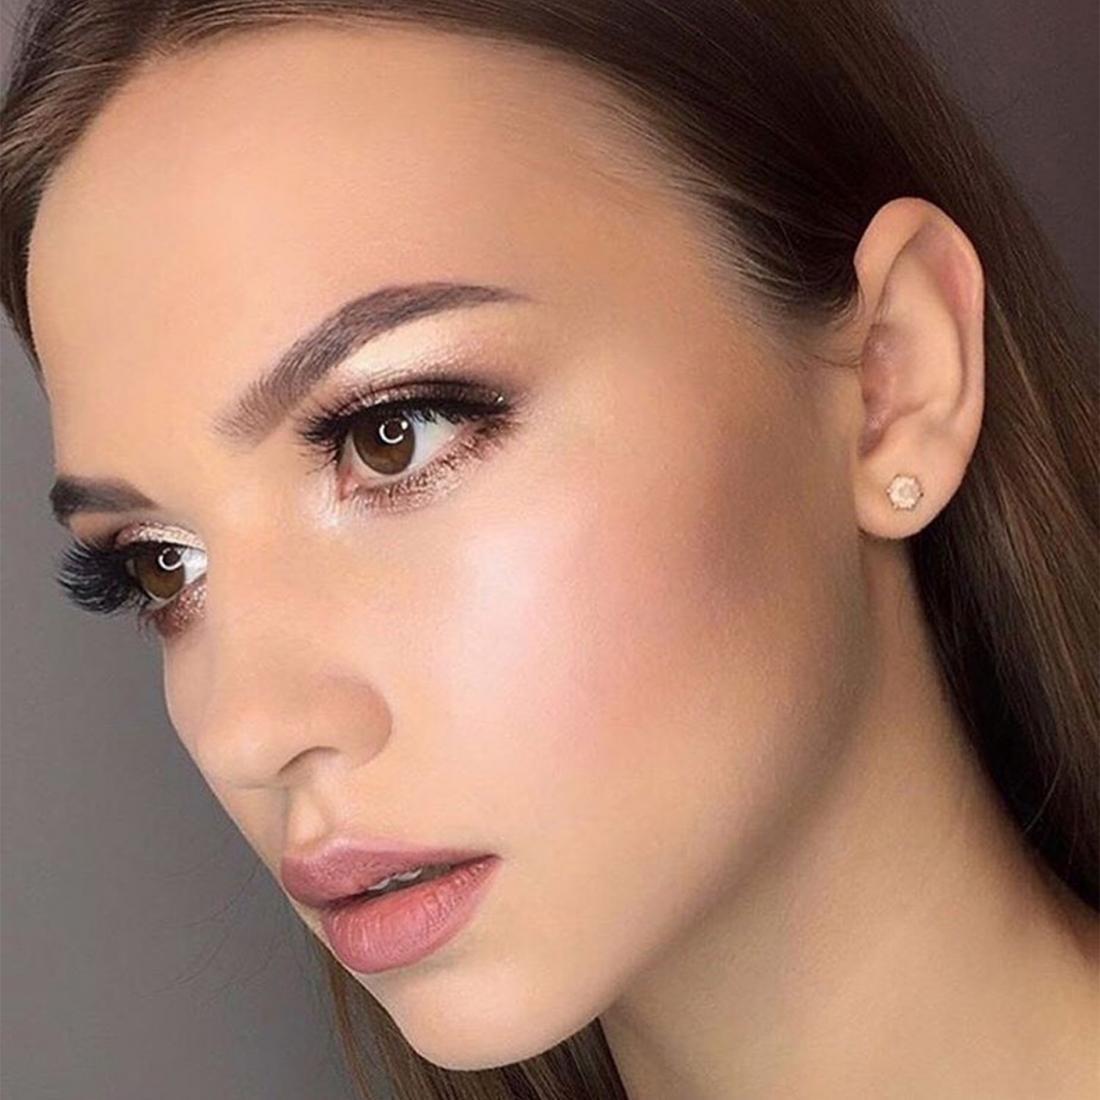 """Коррекция и окрашивание бровей от 7,50 руб, макияж от 28 руб. в салоне """"Salon 104"""""""